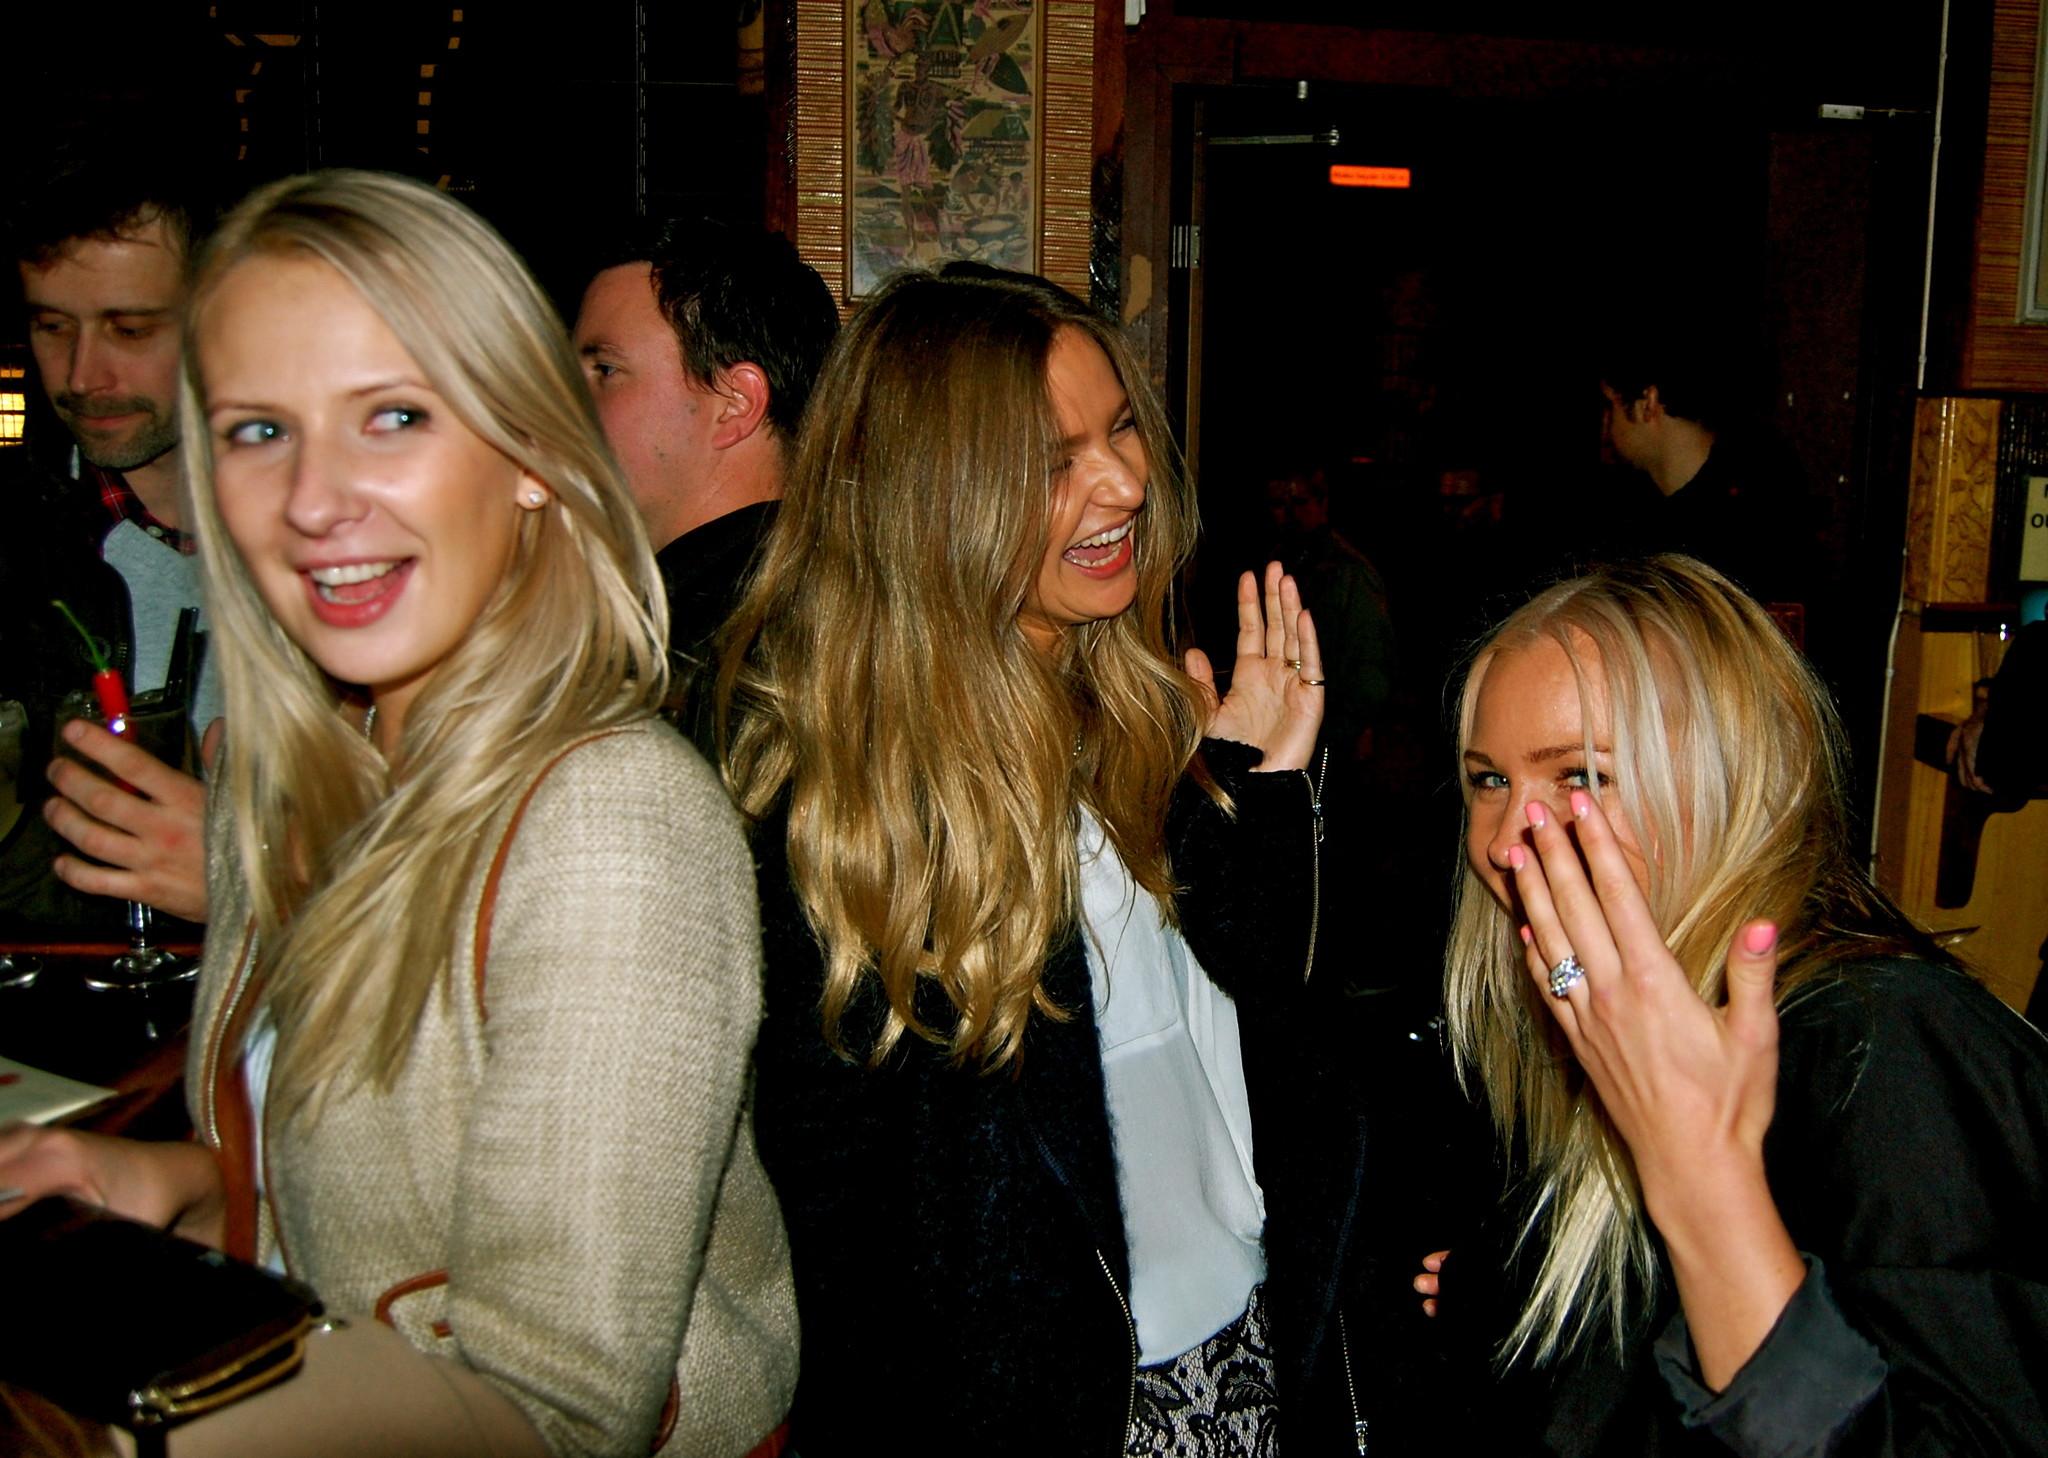 Lilia Gjerstad 2012 September Aku April 2010 F U N Still At Bar Lkka